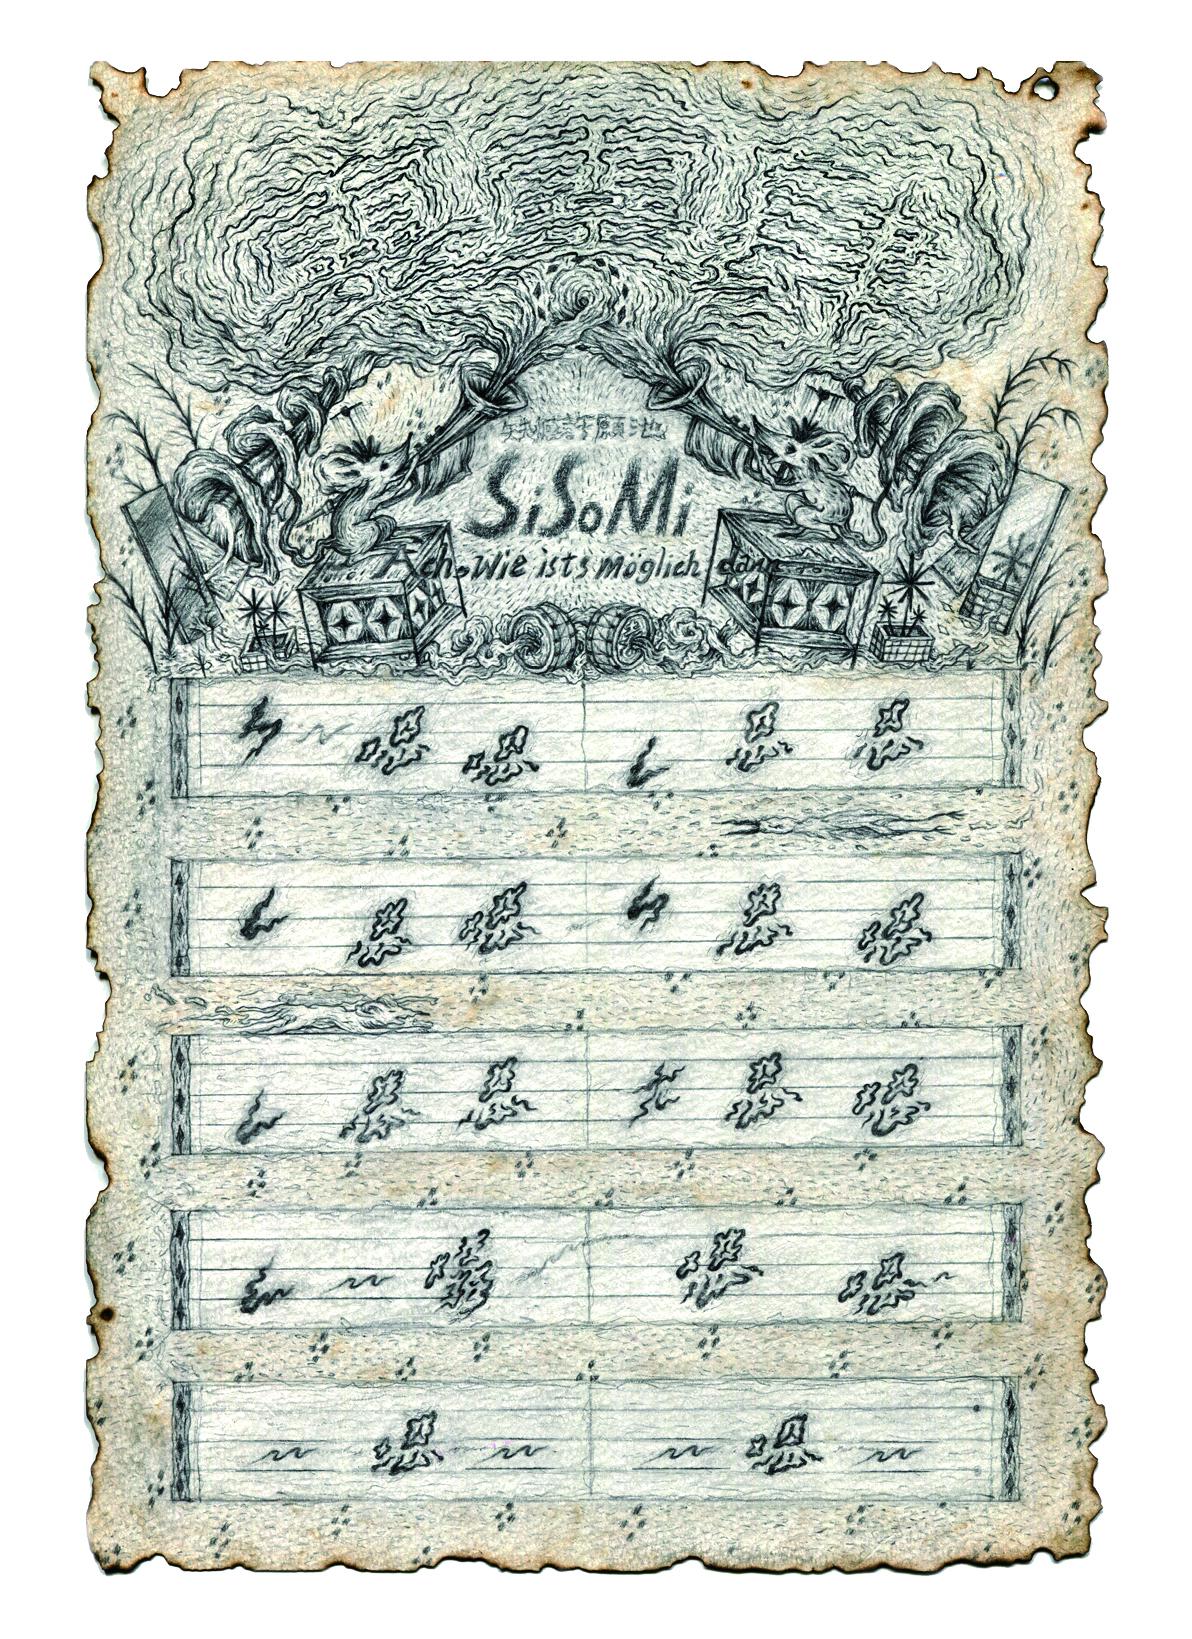 圖8張徐展重新繪製失傳的《Si So Mi》樂譜。(張徐展提供).jpg